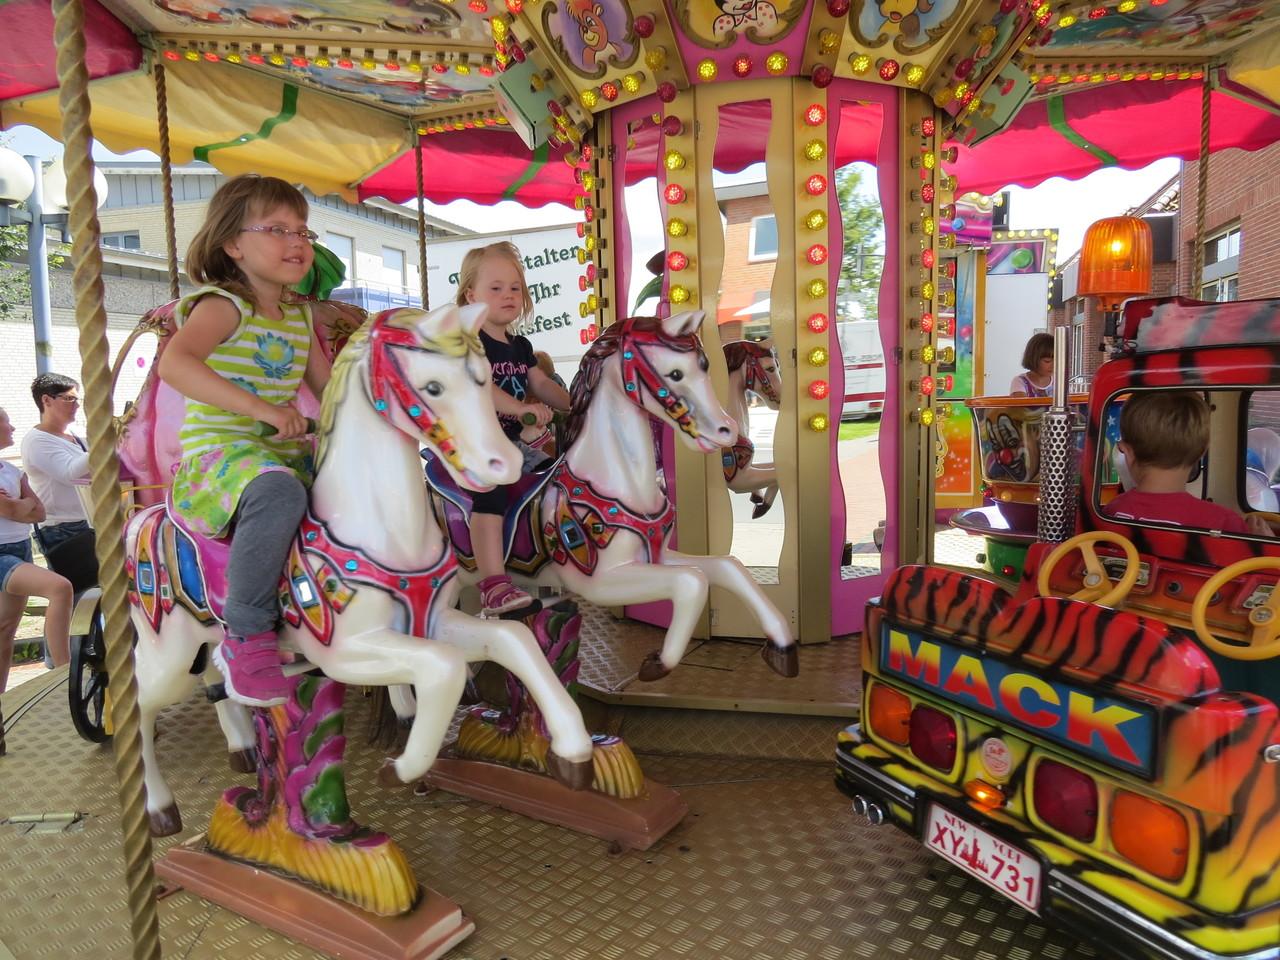 Karussellfahren gehörte in Oyten zu den Hauptattraktionen für die Kinder. Fotos: Elke Keppler-Rosenau